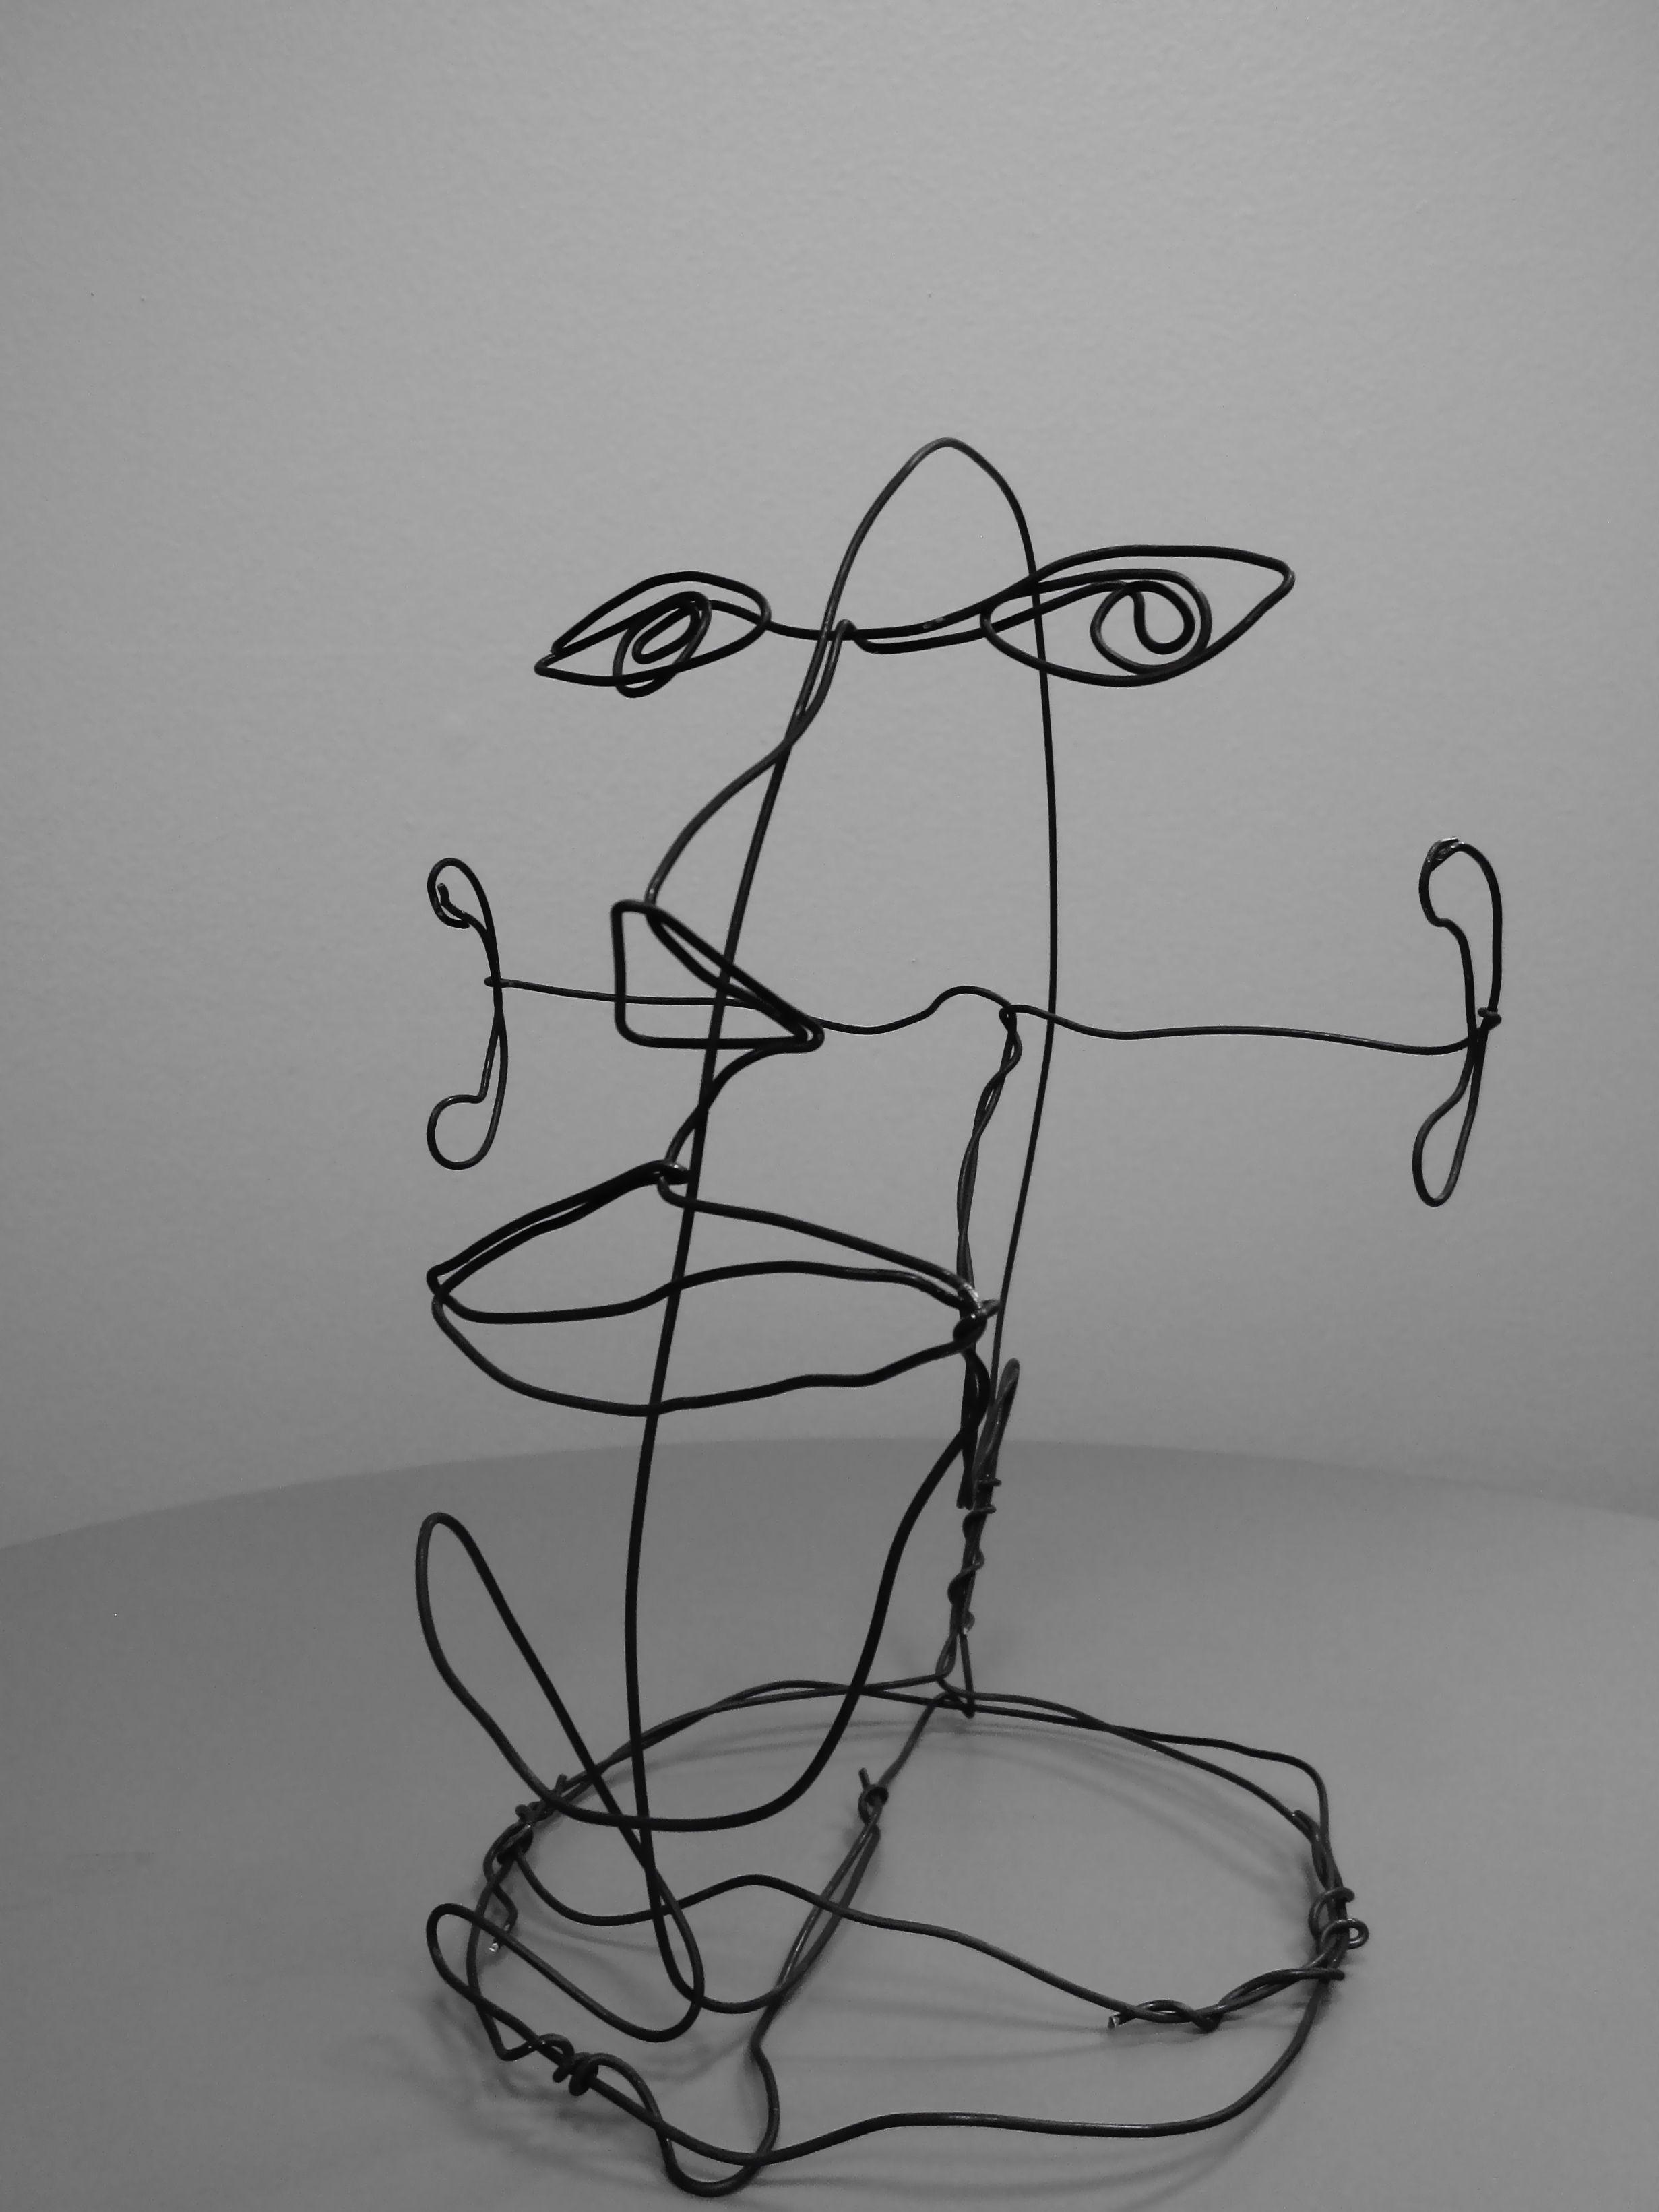 Face Sculpture Ideas  Google Search Sculpture Ideassculpture Artwire